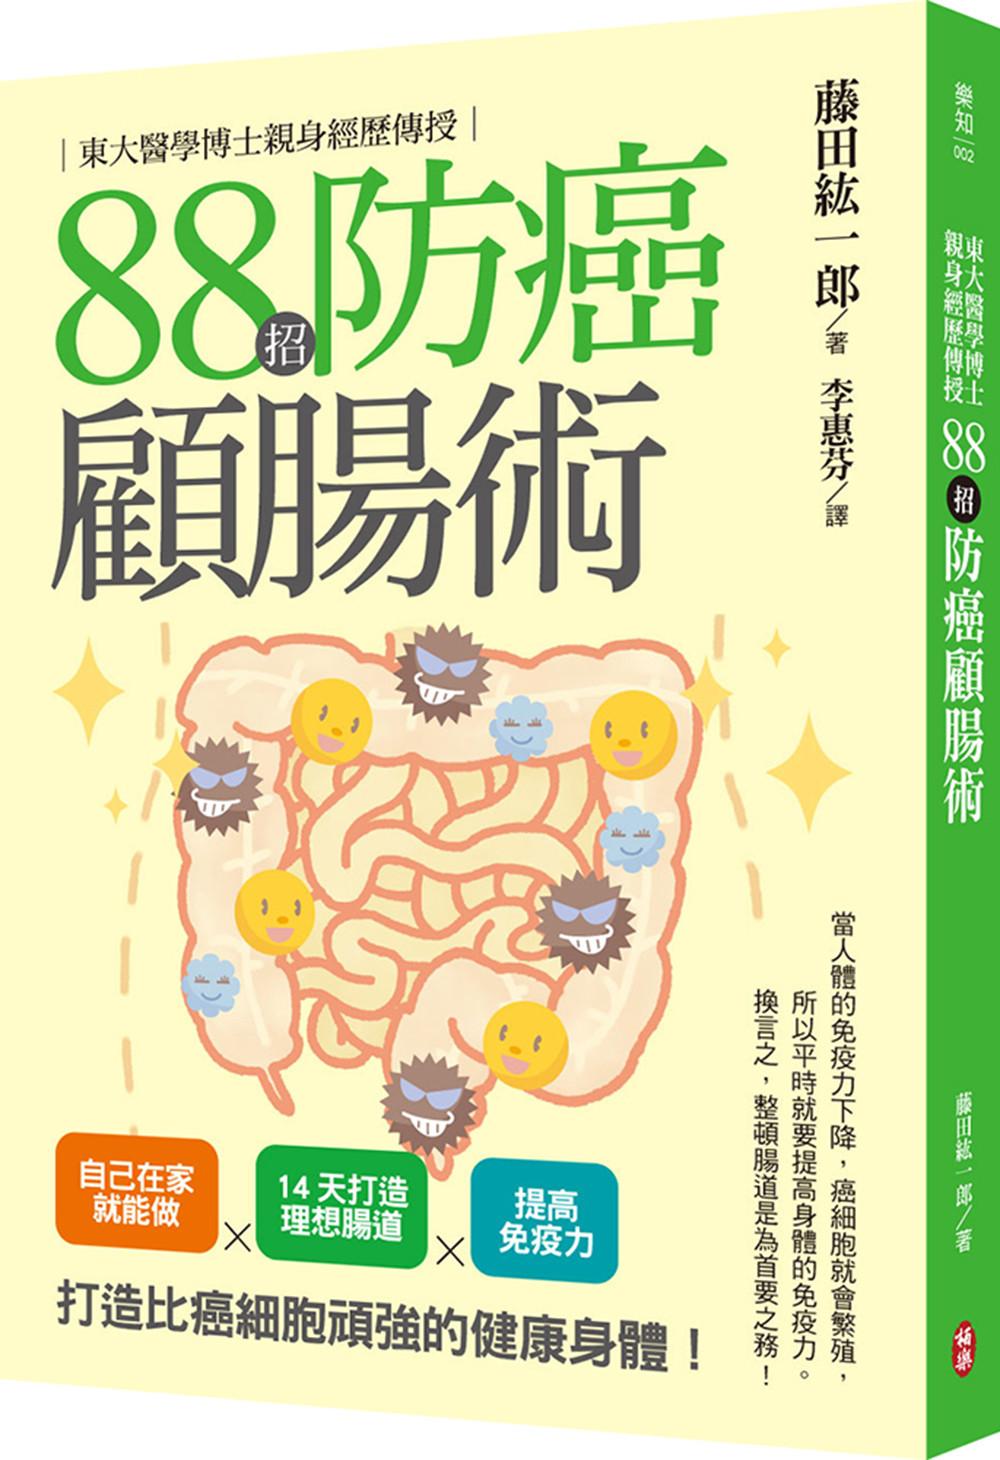 ▲▼88種抗癌術。(圖/柏樂出版提供)